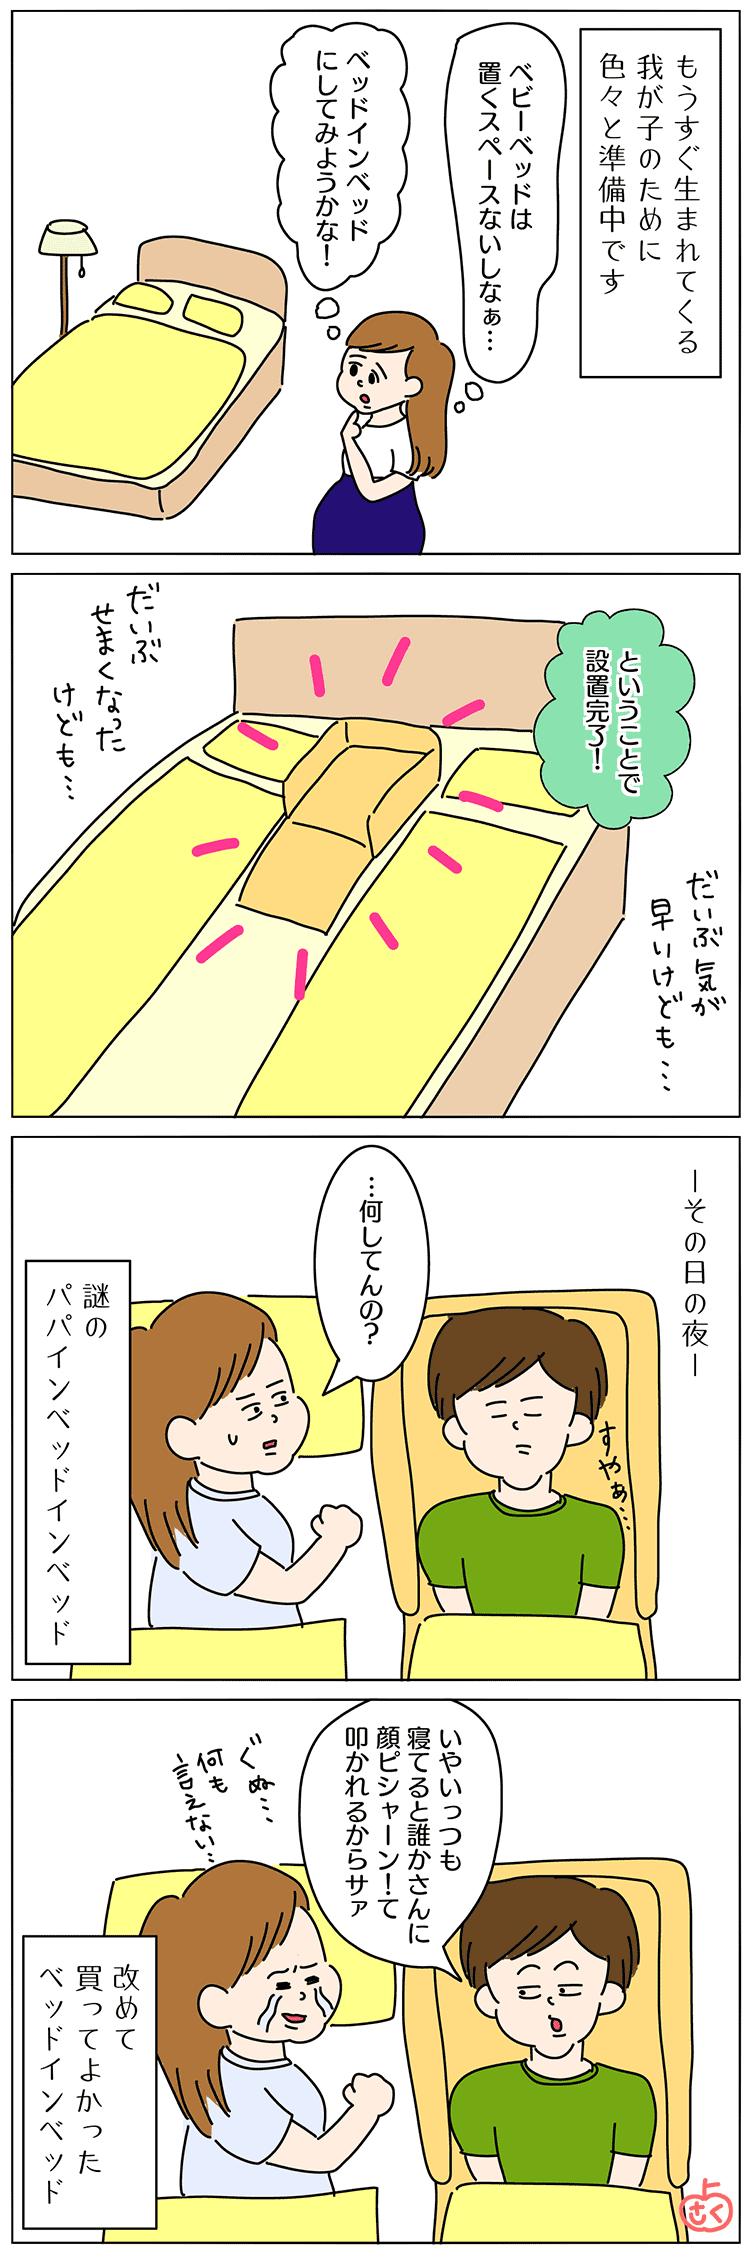 ベッドインベッドの4コマ漫画